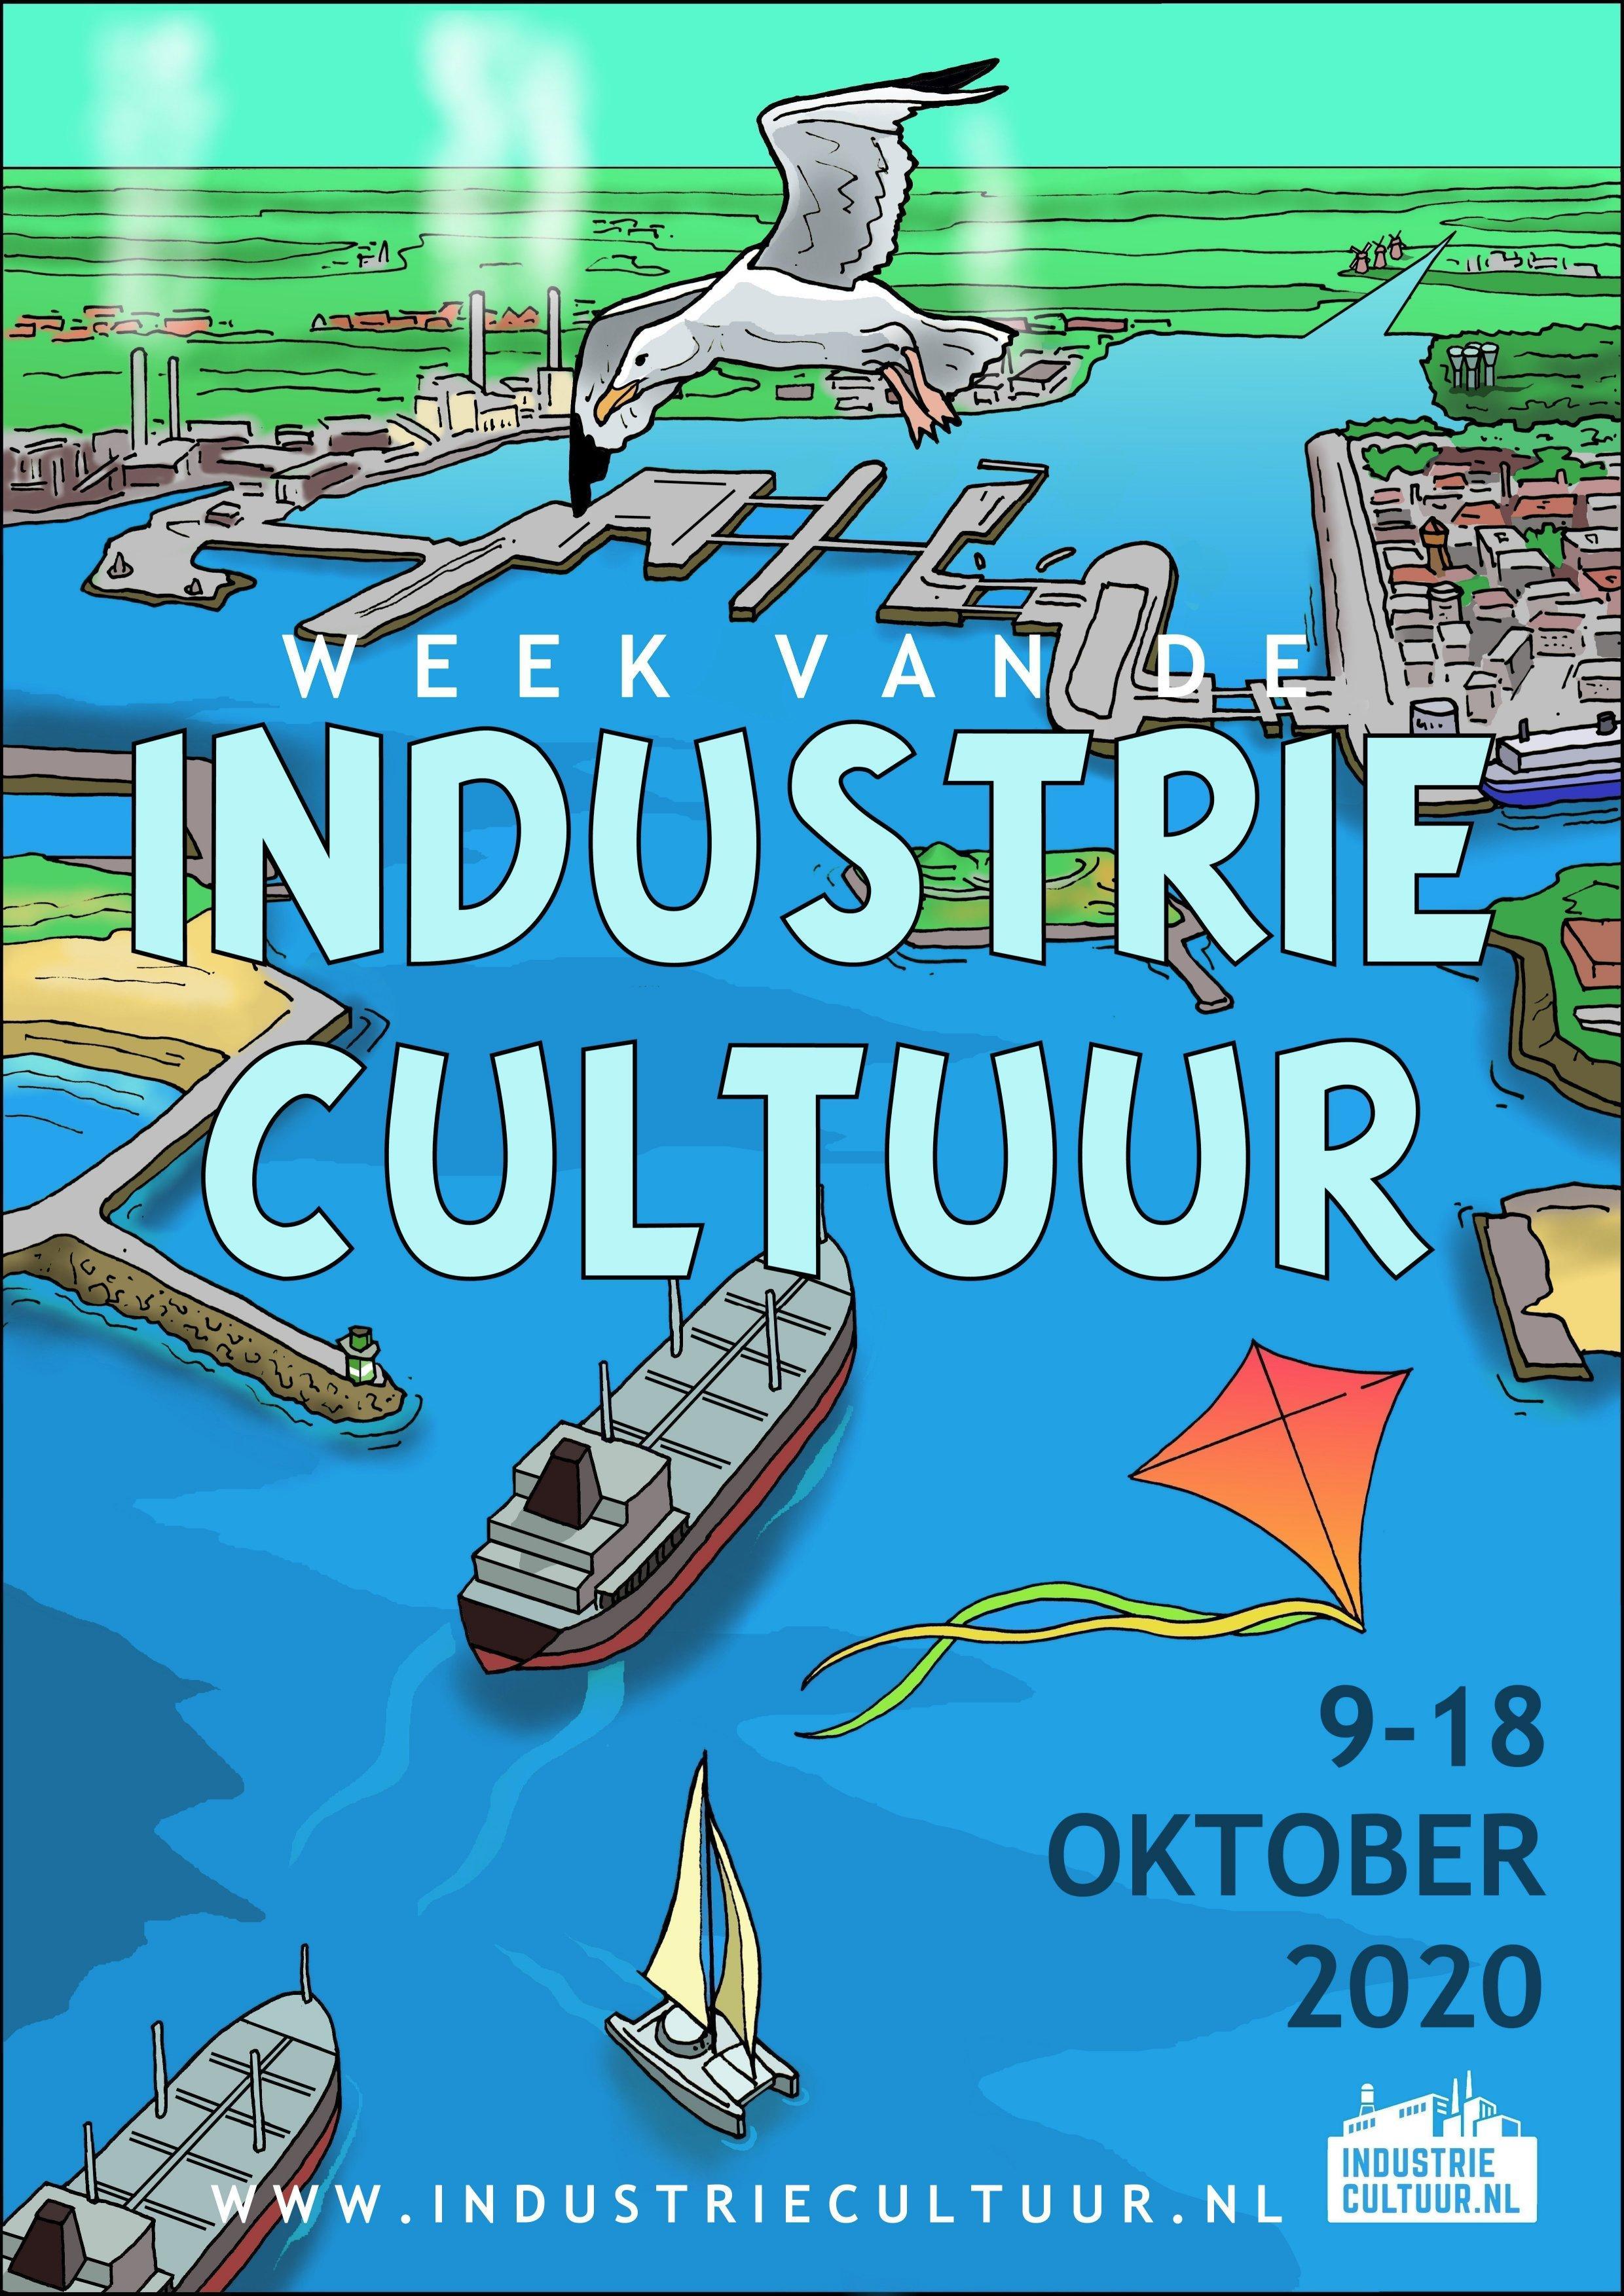 Week van de Industriecultuur gaat ondanks het coronavirus gewoon door: dit jaar staat in teken van creatieve bedrijvigheid en de nieuwe maakindustrie